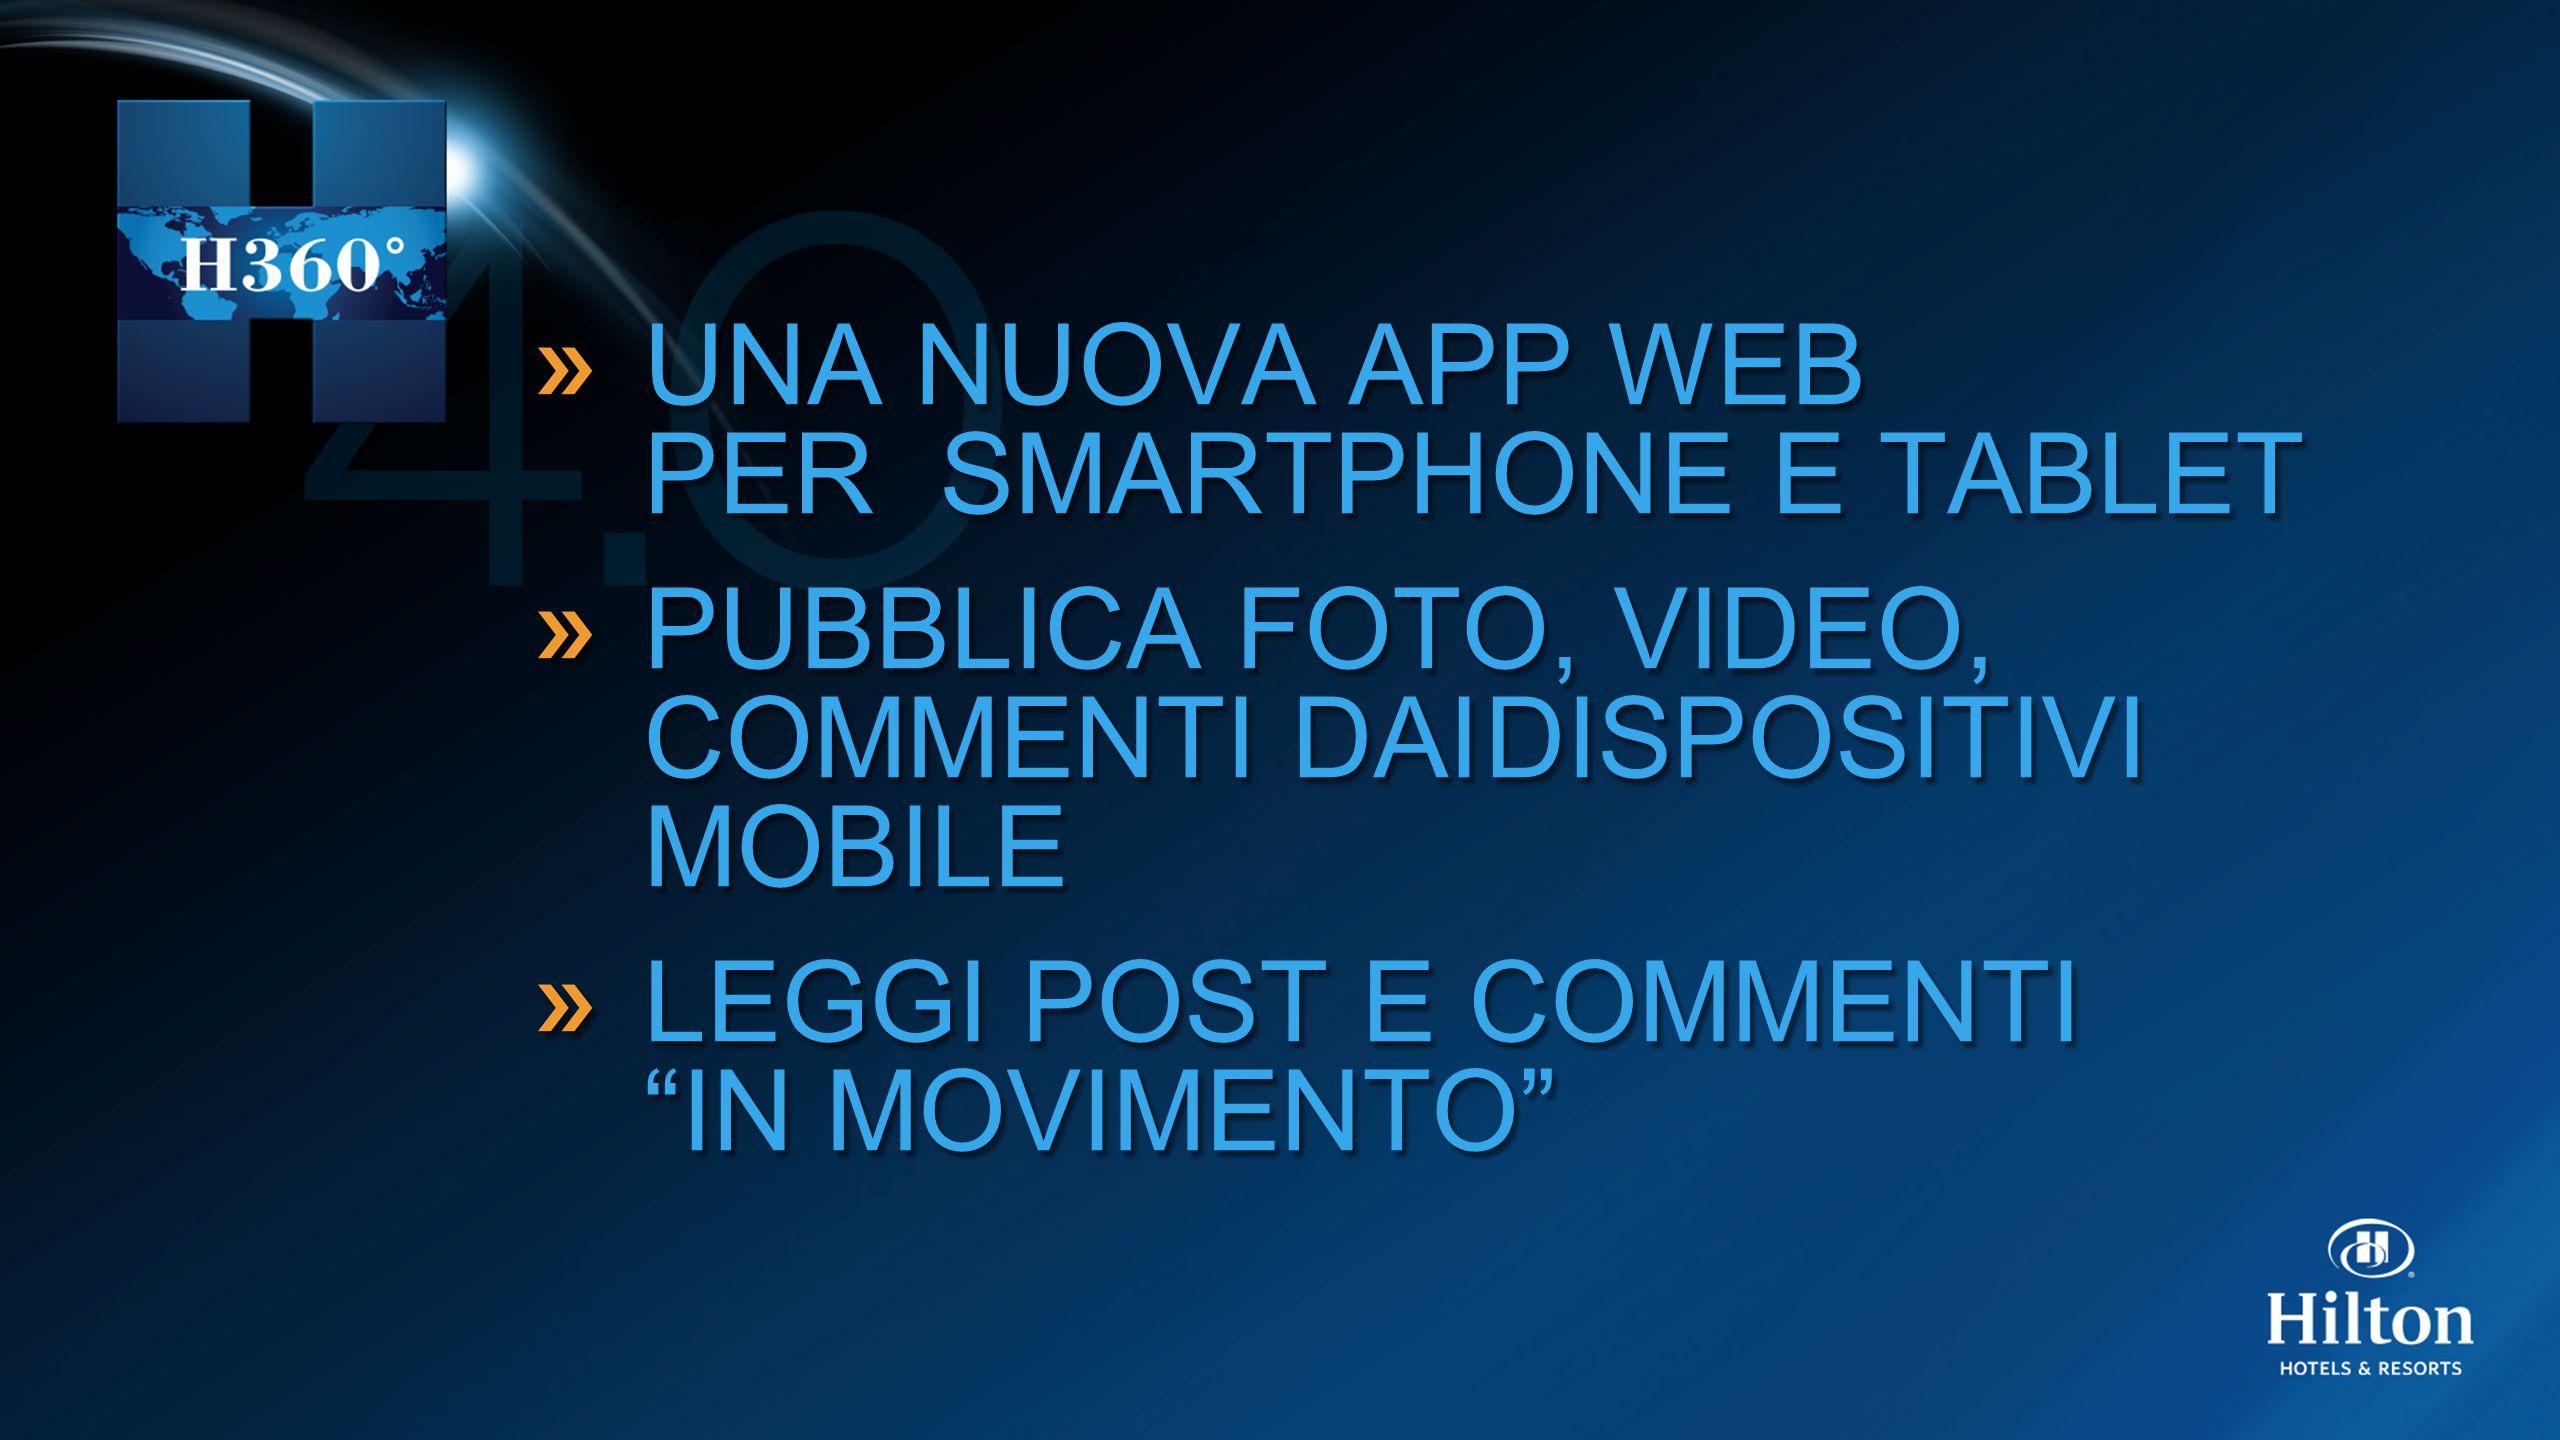 UNA NUOVA APP WEB PER SMARTPHONE E TABLET PUBBLICA FOTO, VIDEO, COMMENTI DAIDISPOSITIVI MOBILE LEGGI POST E COMMENTI IN MOVIMENTO UNA NUOVA APP WEB PER SMARTPHONE E TABLET PUBBLICA FOTO, VIDEO, COMMENTI DAIDISPOSITIVI MOBILE LEGGI POST E COMMENTI IN MOVIMENTO